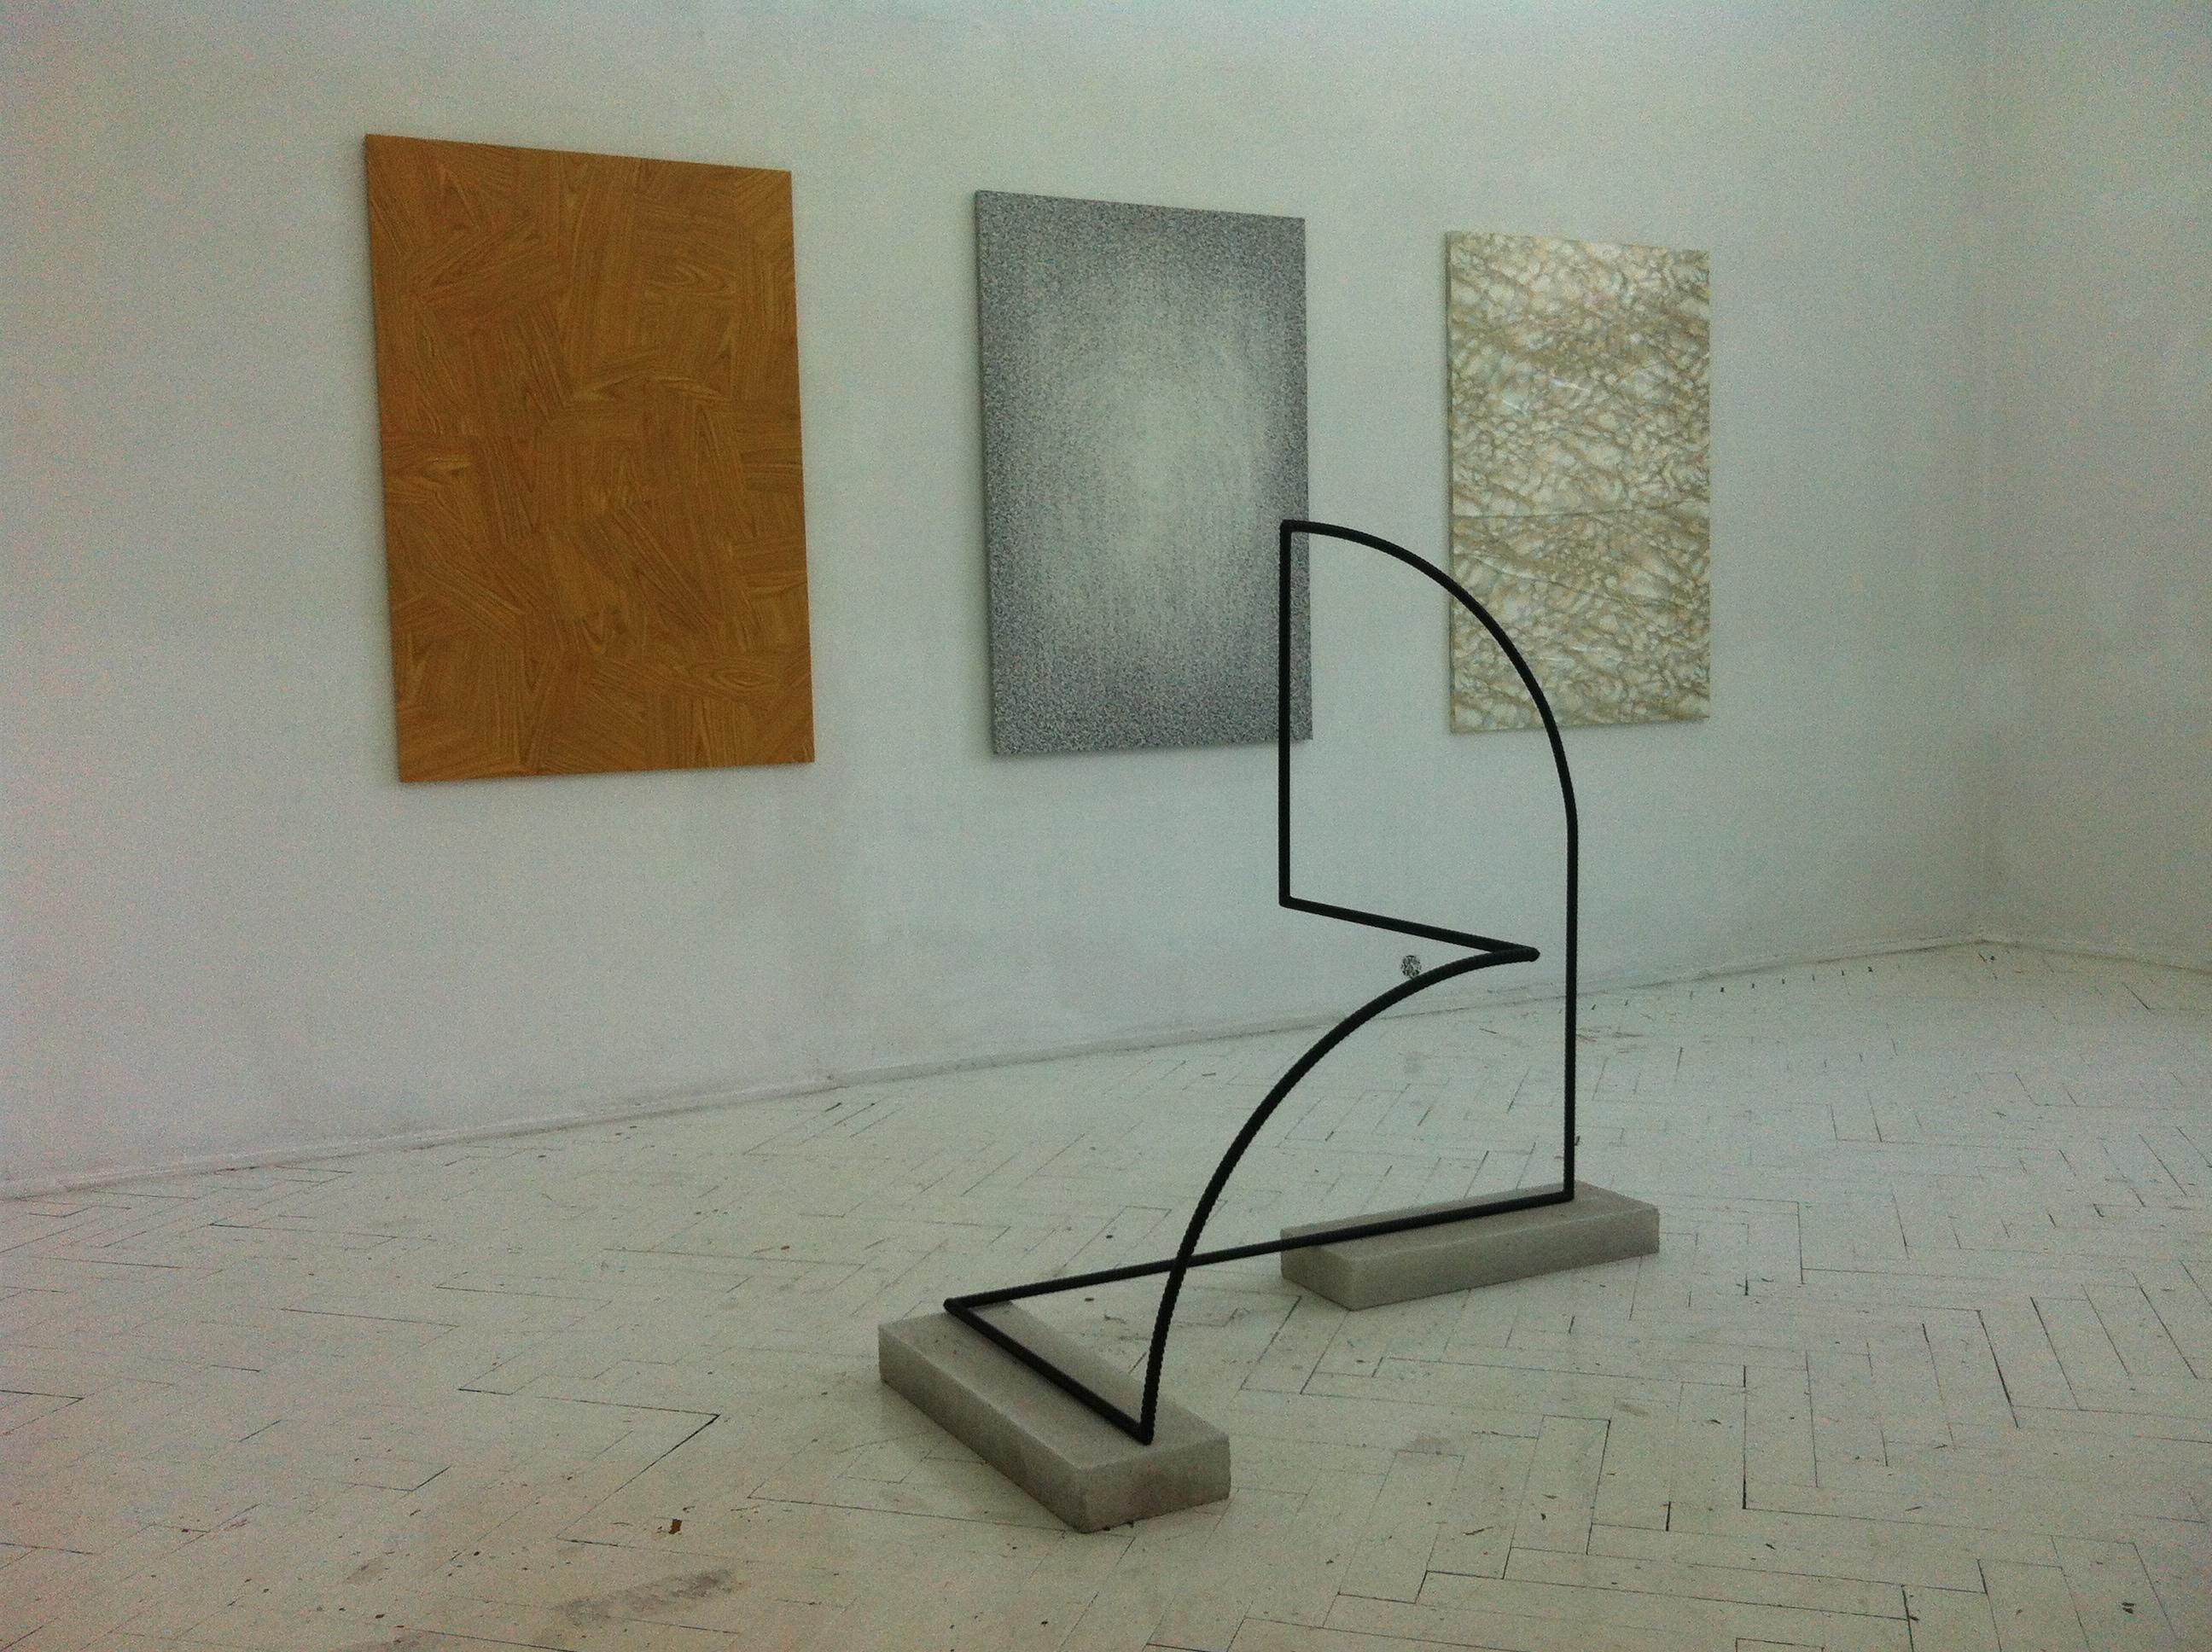 Szymon Szewczyk, widok wystawy Możliwe rozwiązania, Art Agenda Nova